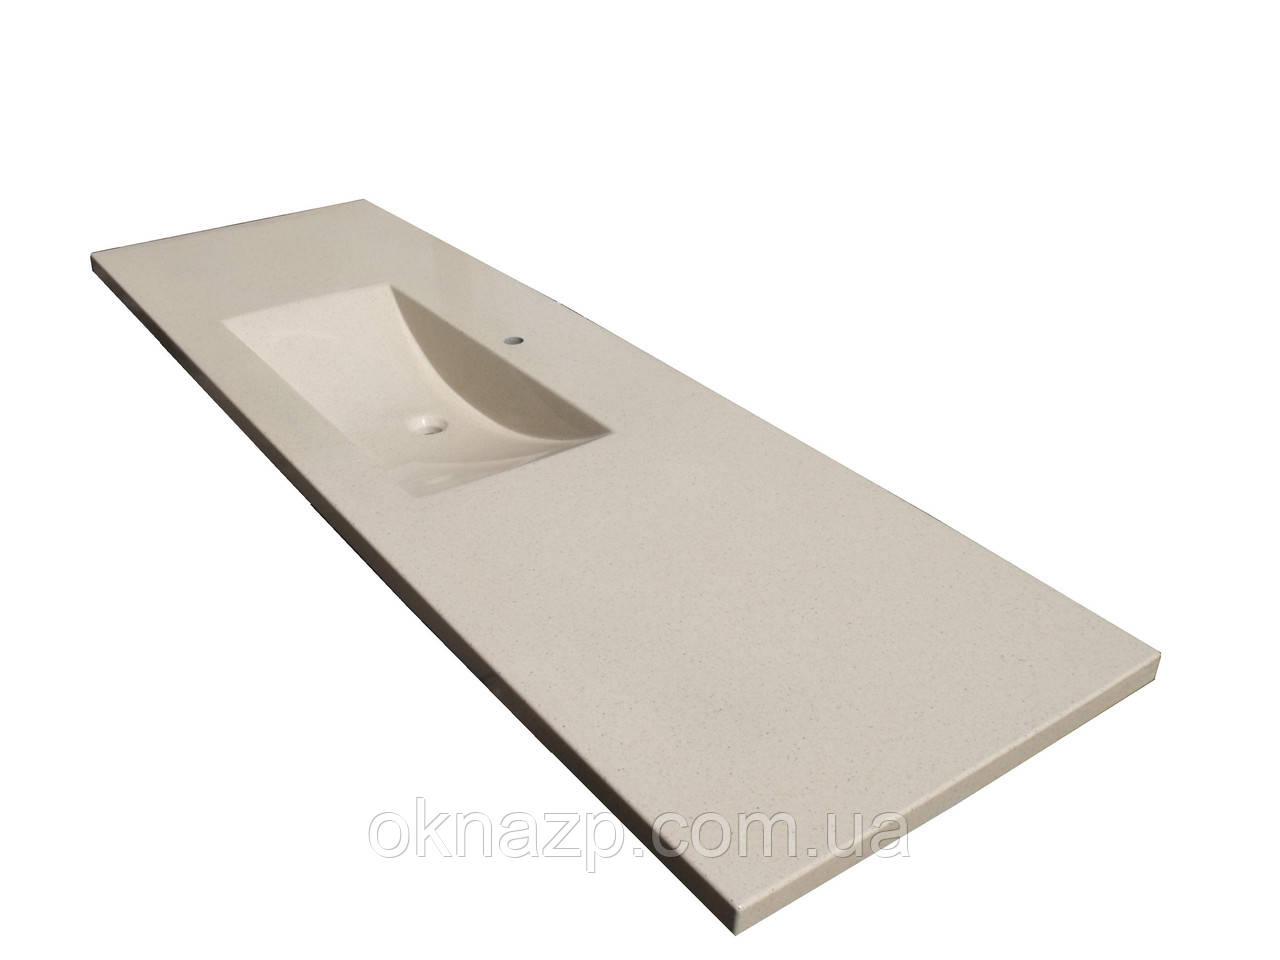 Умивальник зі стільницею з литого граніту (литий умивальник +2700грн./шт. додатково)